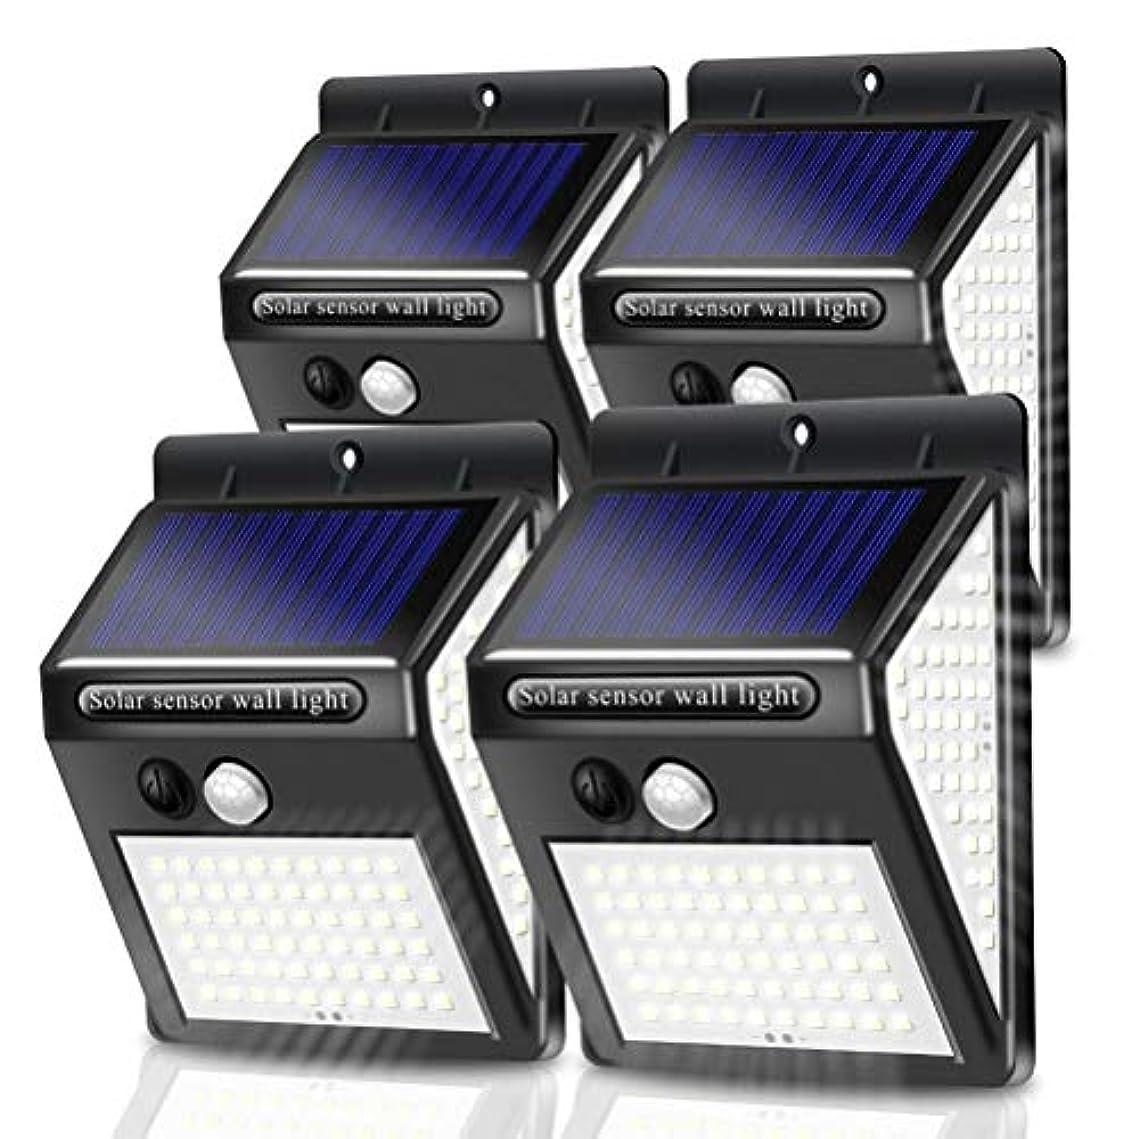 人気強化実業家LEDソーラーライト屋外、PIRモーションセンサーガーデンフロントドア経路のためのIP65防水スーパーブライトウォールのセキュリティライト(4パック),100 led